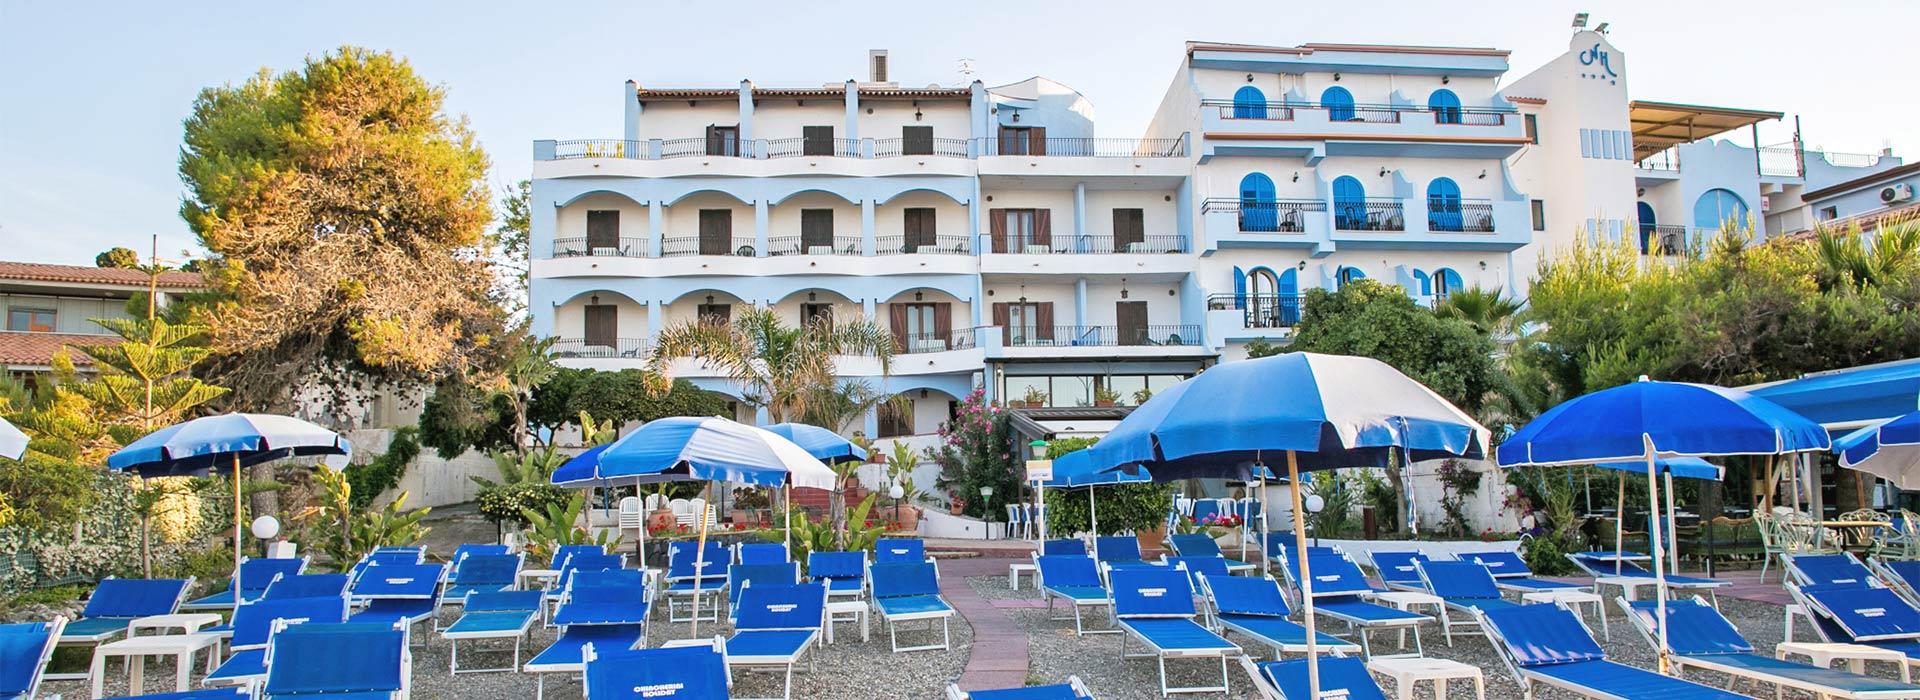 Miglior prezzo hotel kalos giardini naxos sicilia - Hotel ai giardini naxos ...